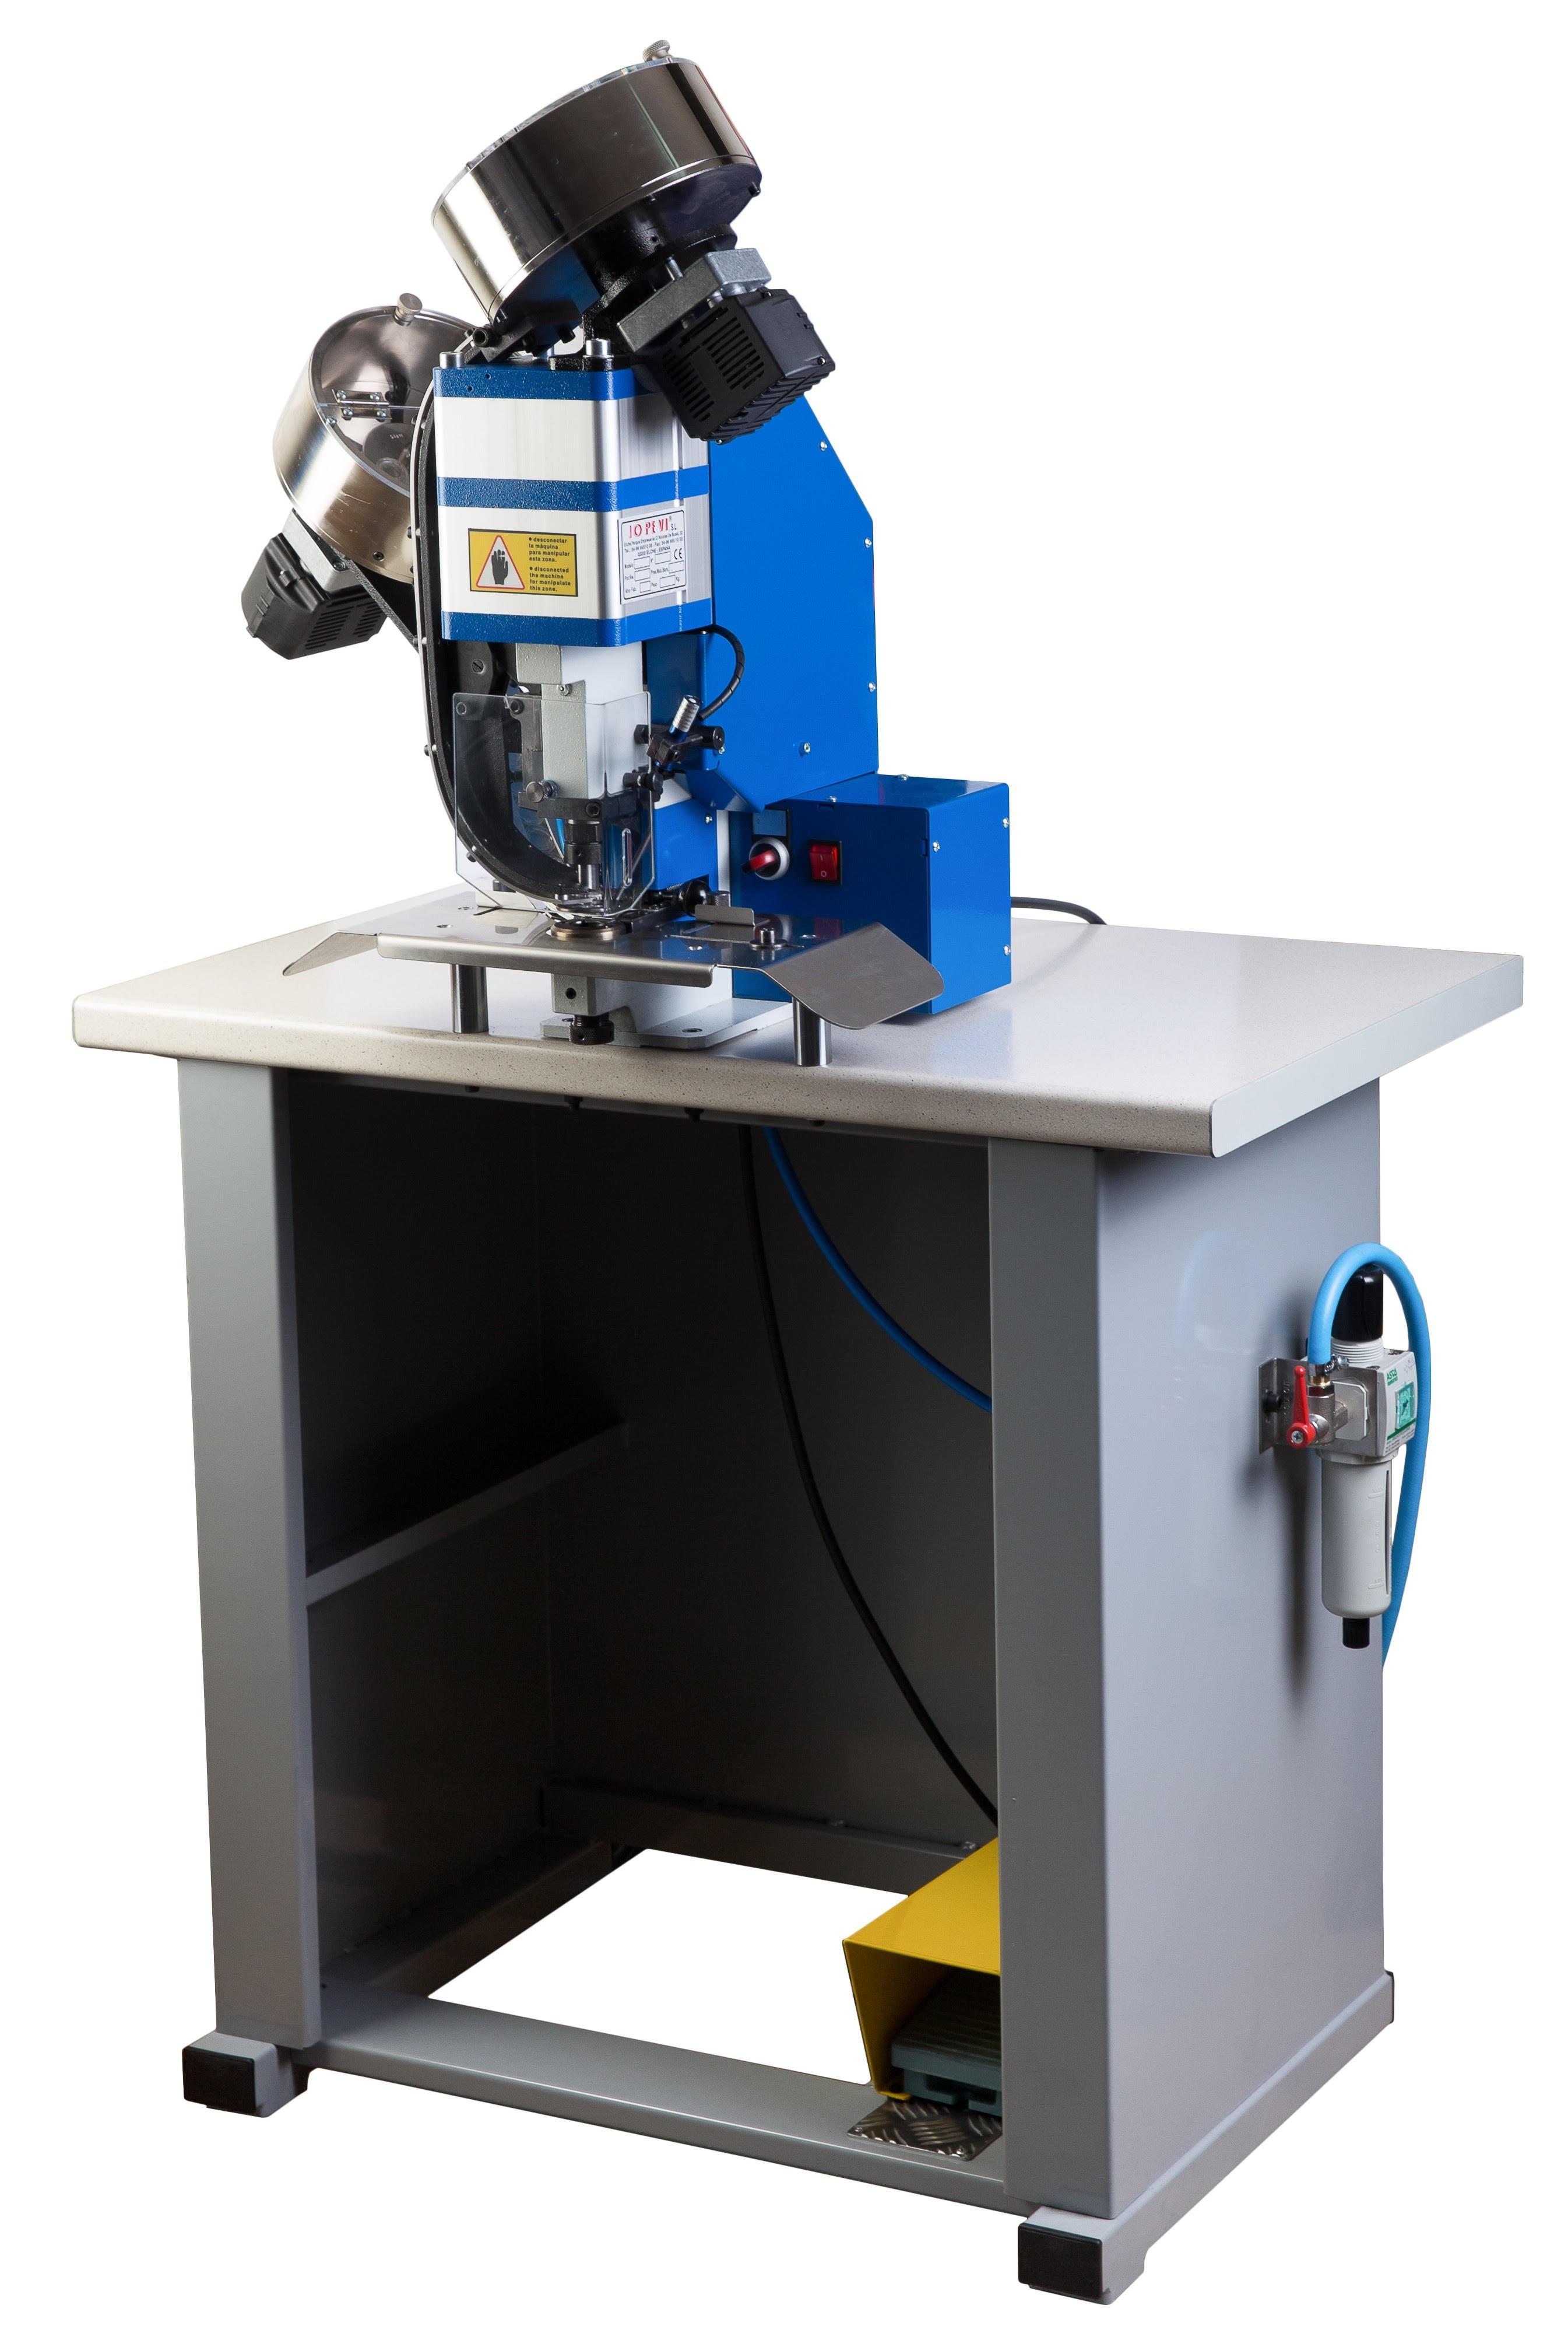 Jopevi-J-269-Grommet-Press